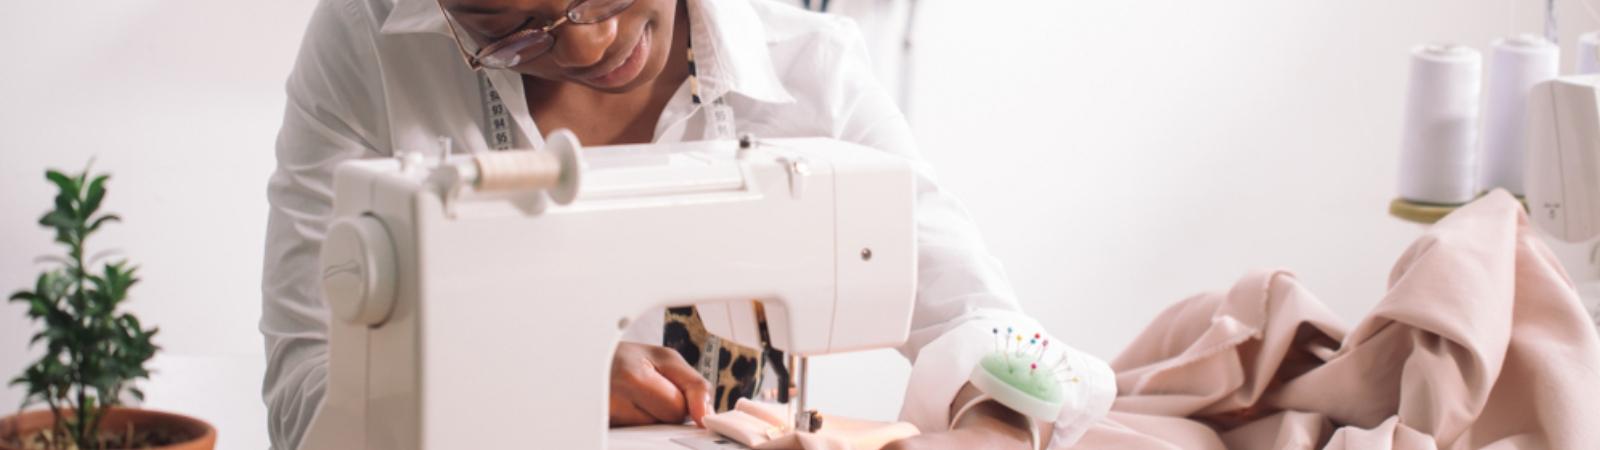 escolher máquina de costura